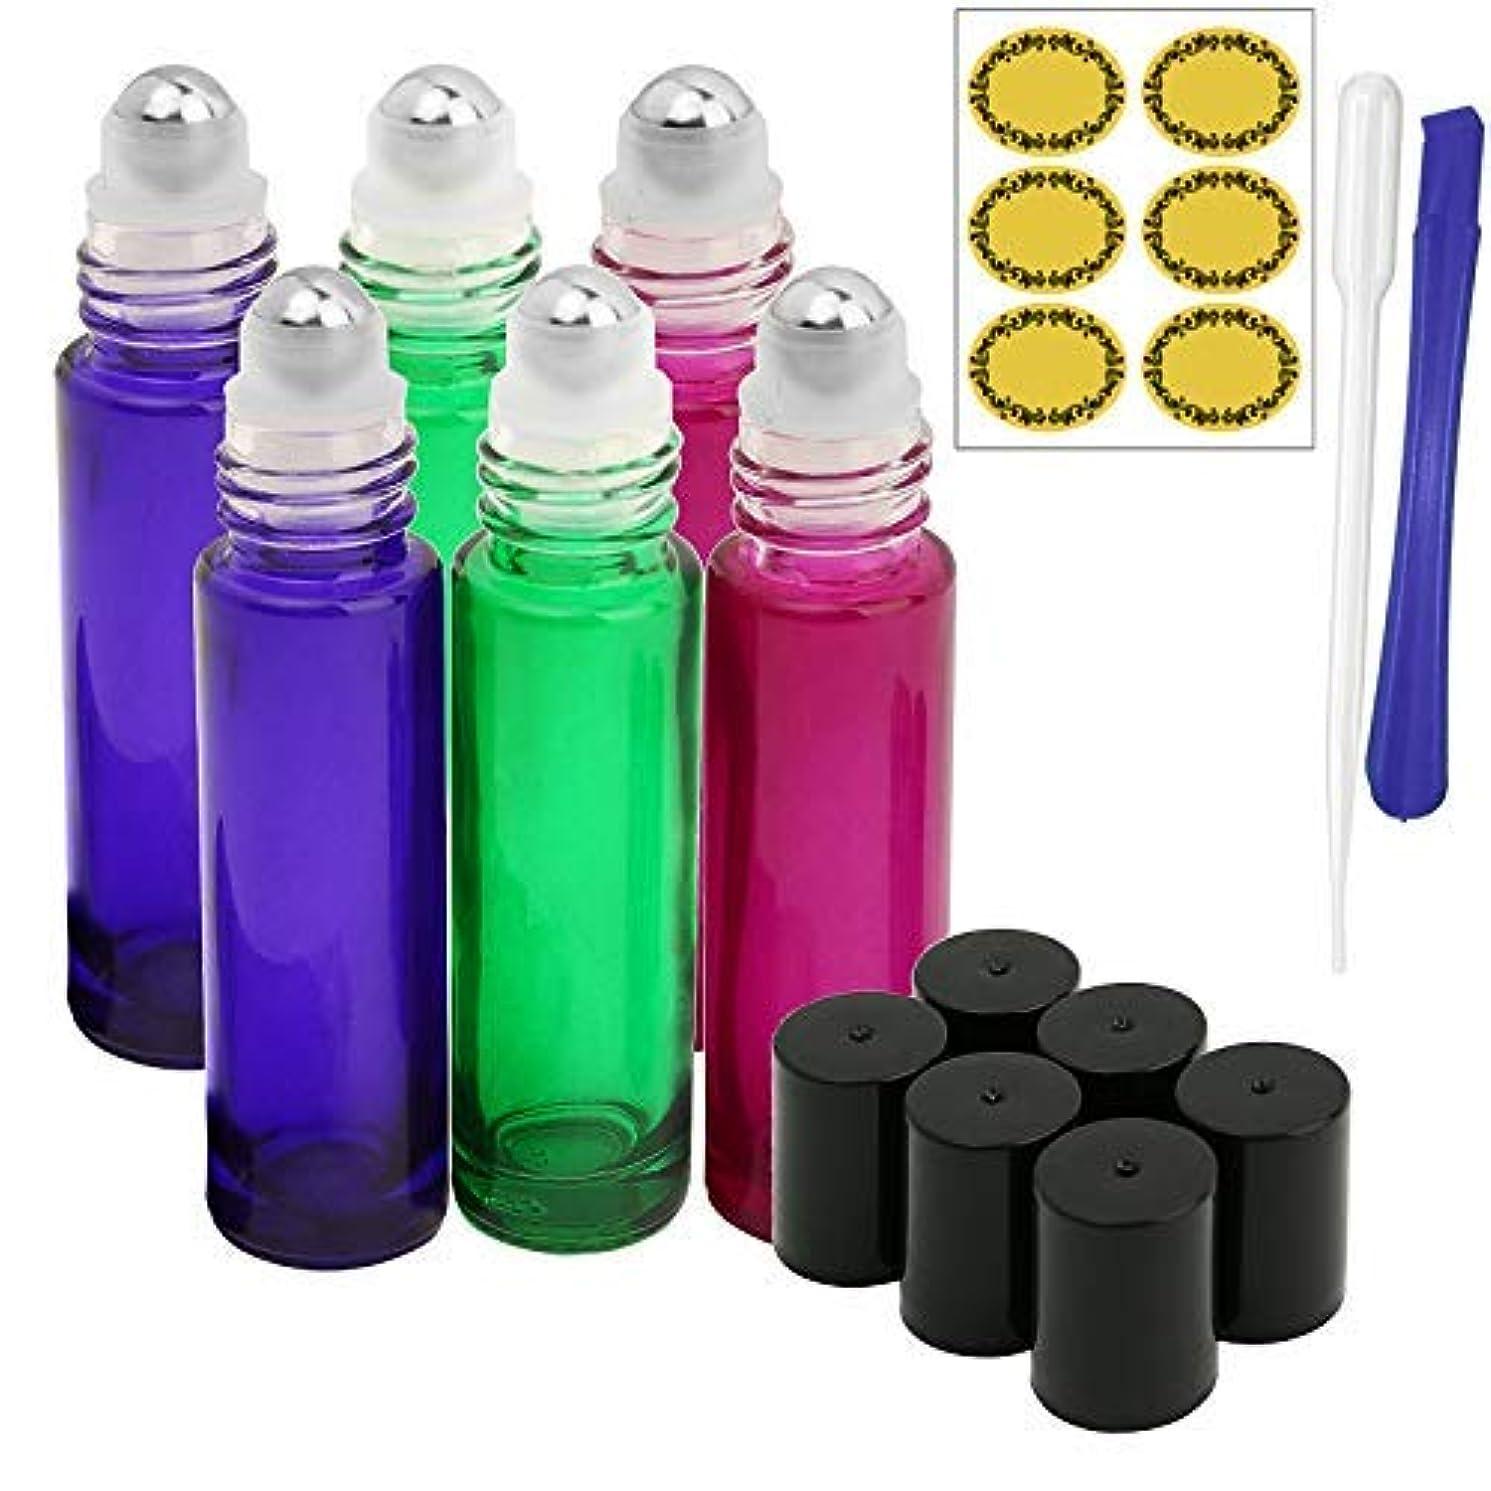 表現反対に資金6, 10ml Roller Bottles for Essential Oils - Gradient Color Glass Refillable Roller on Bottles with 1 Opener, 1...